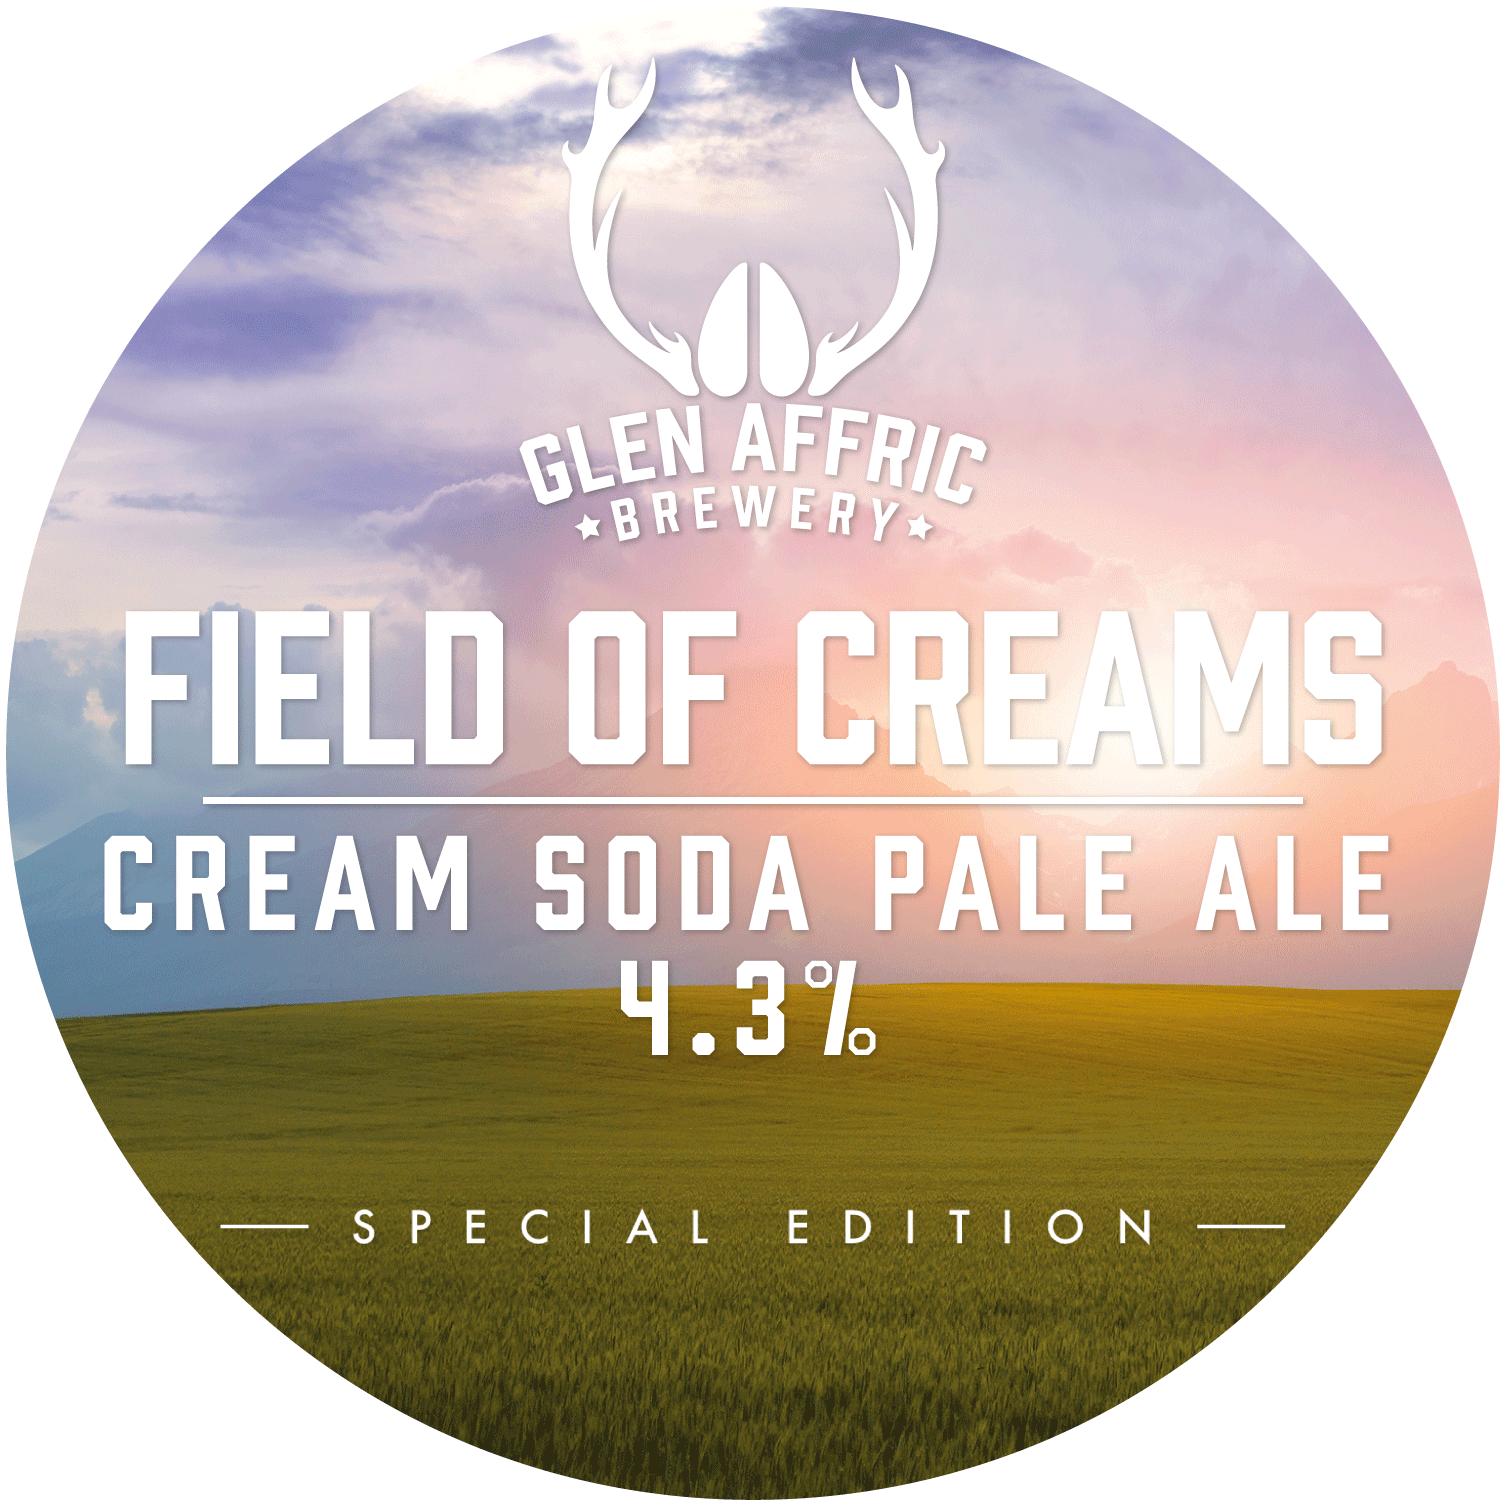 Glen Affric Field Of Creams 30Ltr Kry Keg 4.3%